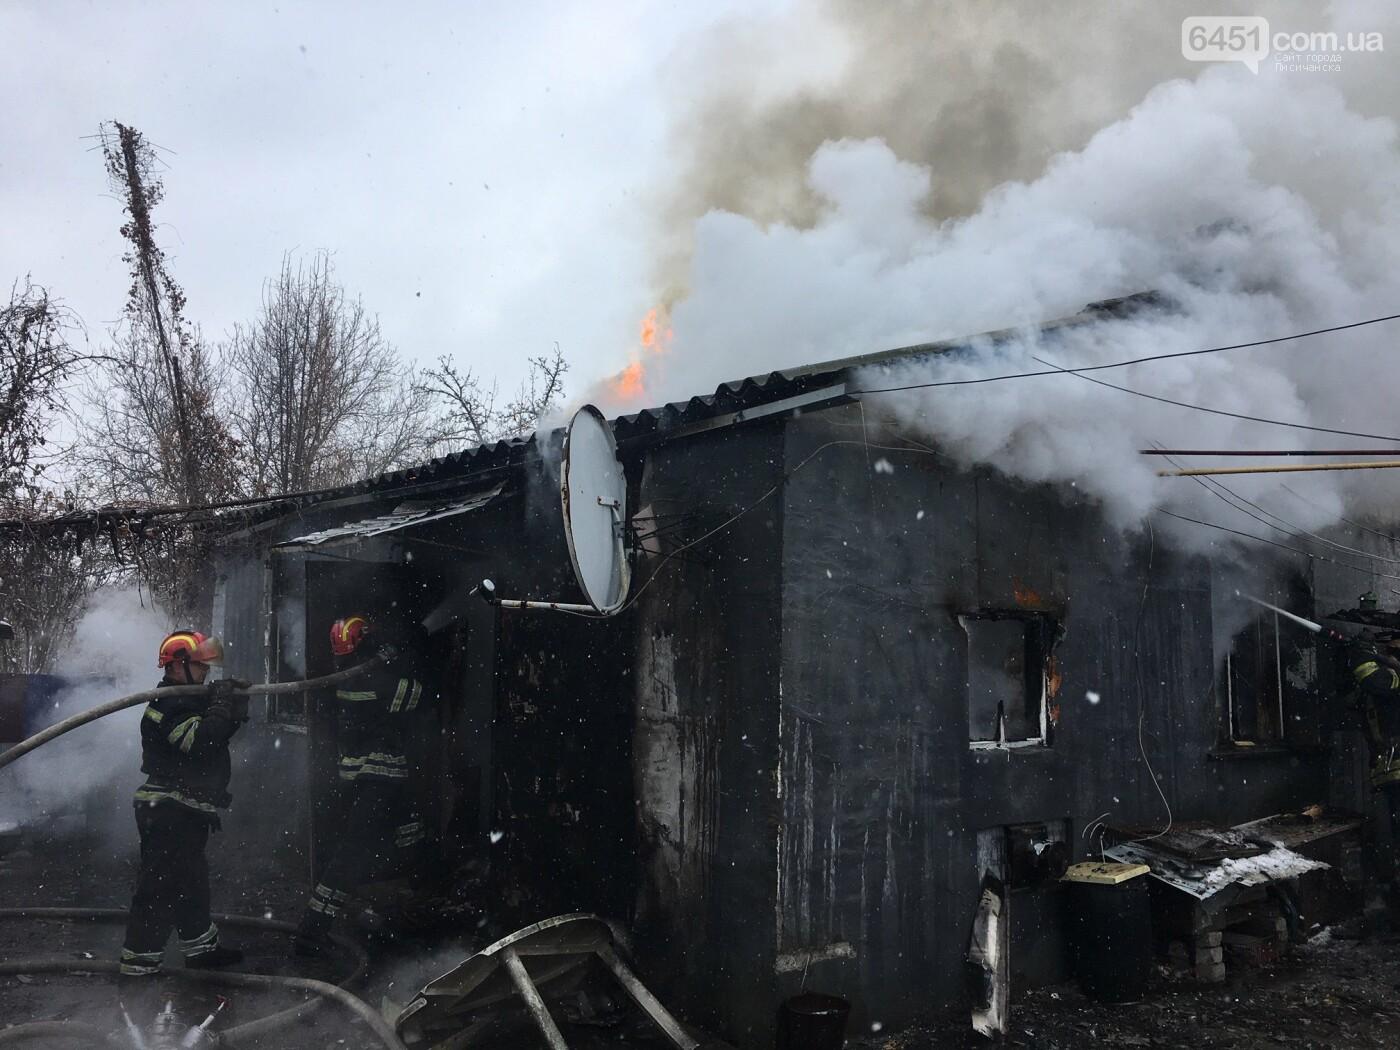 В Лисичанске во время ликвидации пожара в жилом доме было найдено тело мужчины, фото-1